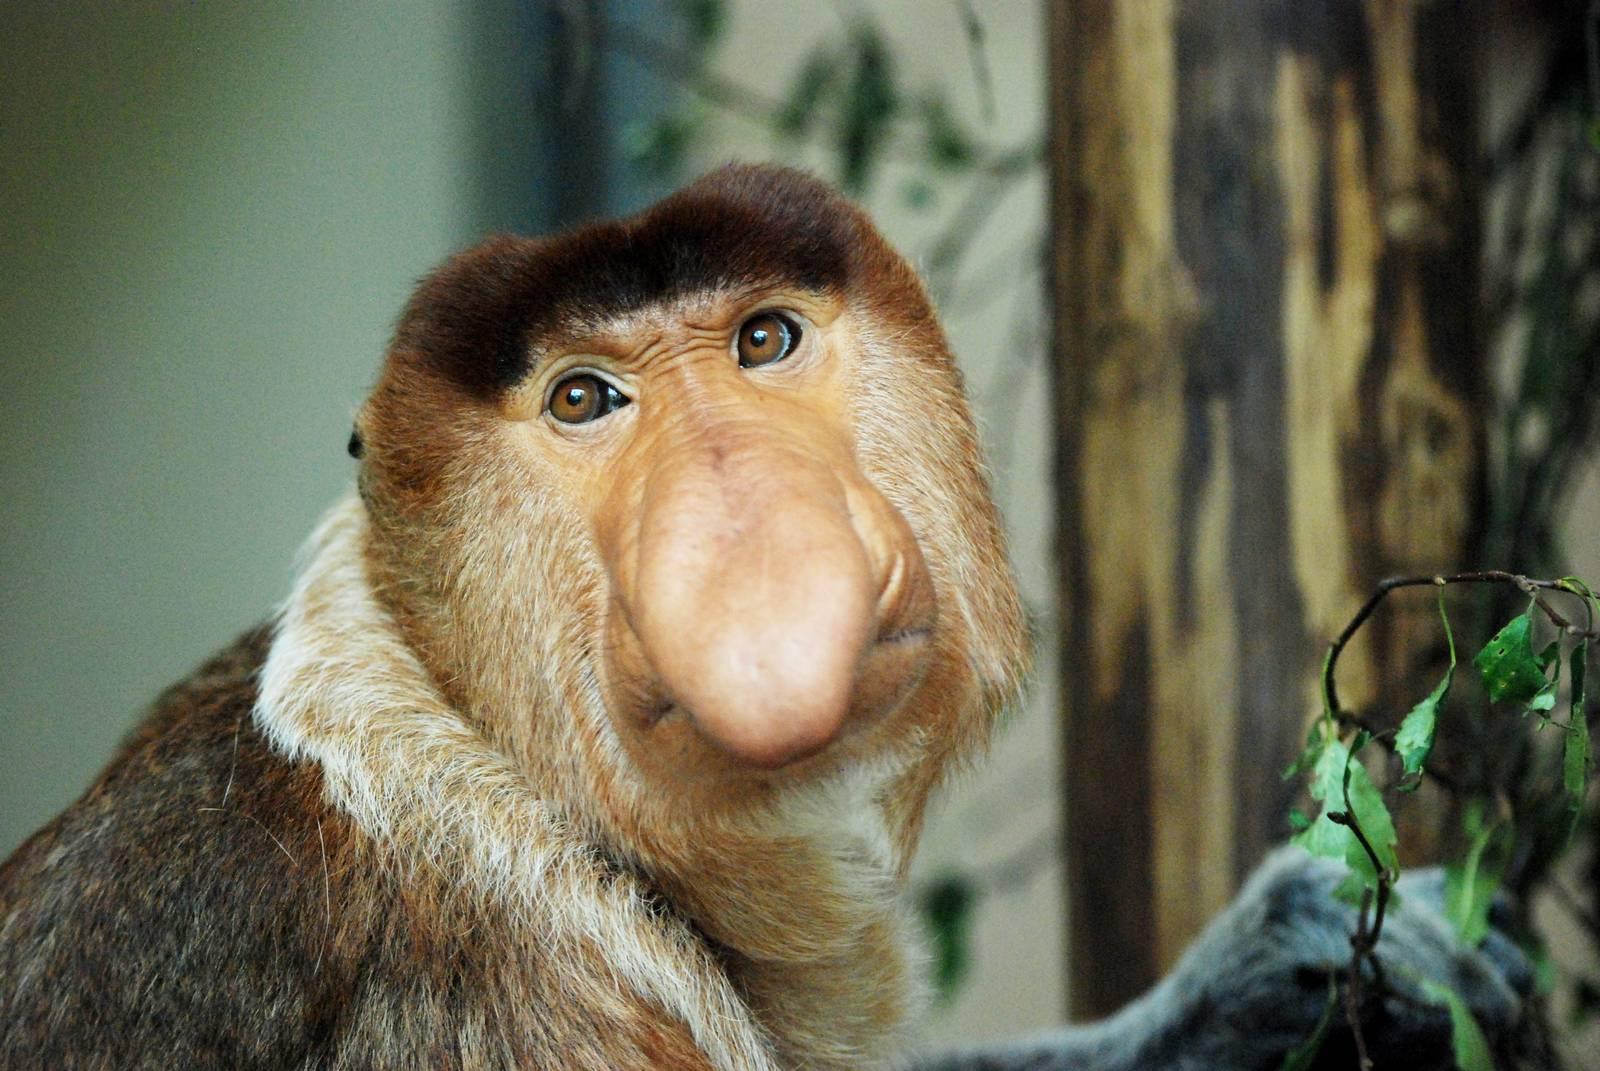 картинки обезьян с длинным носом бывают